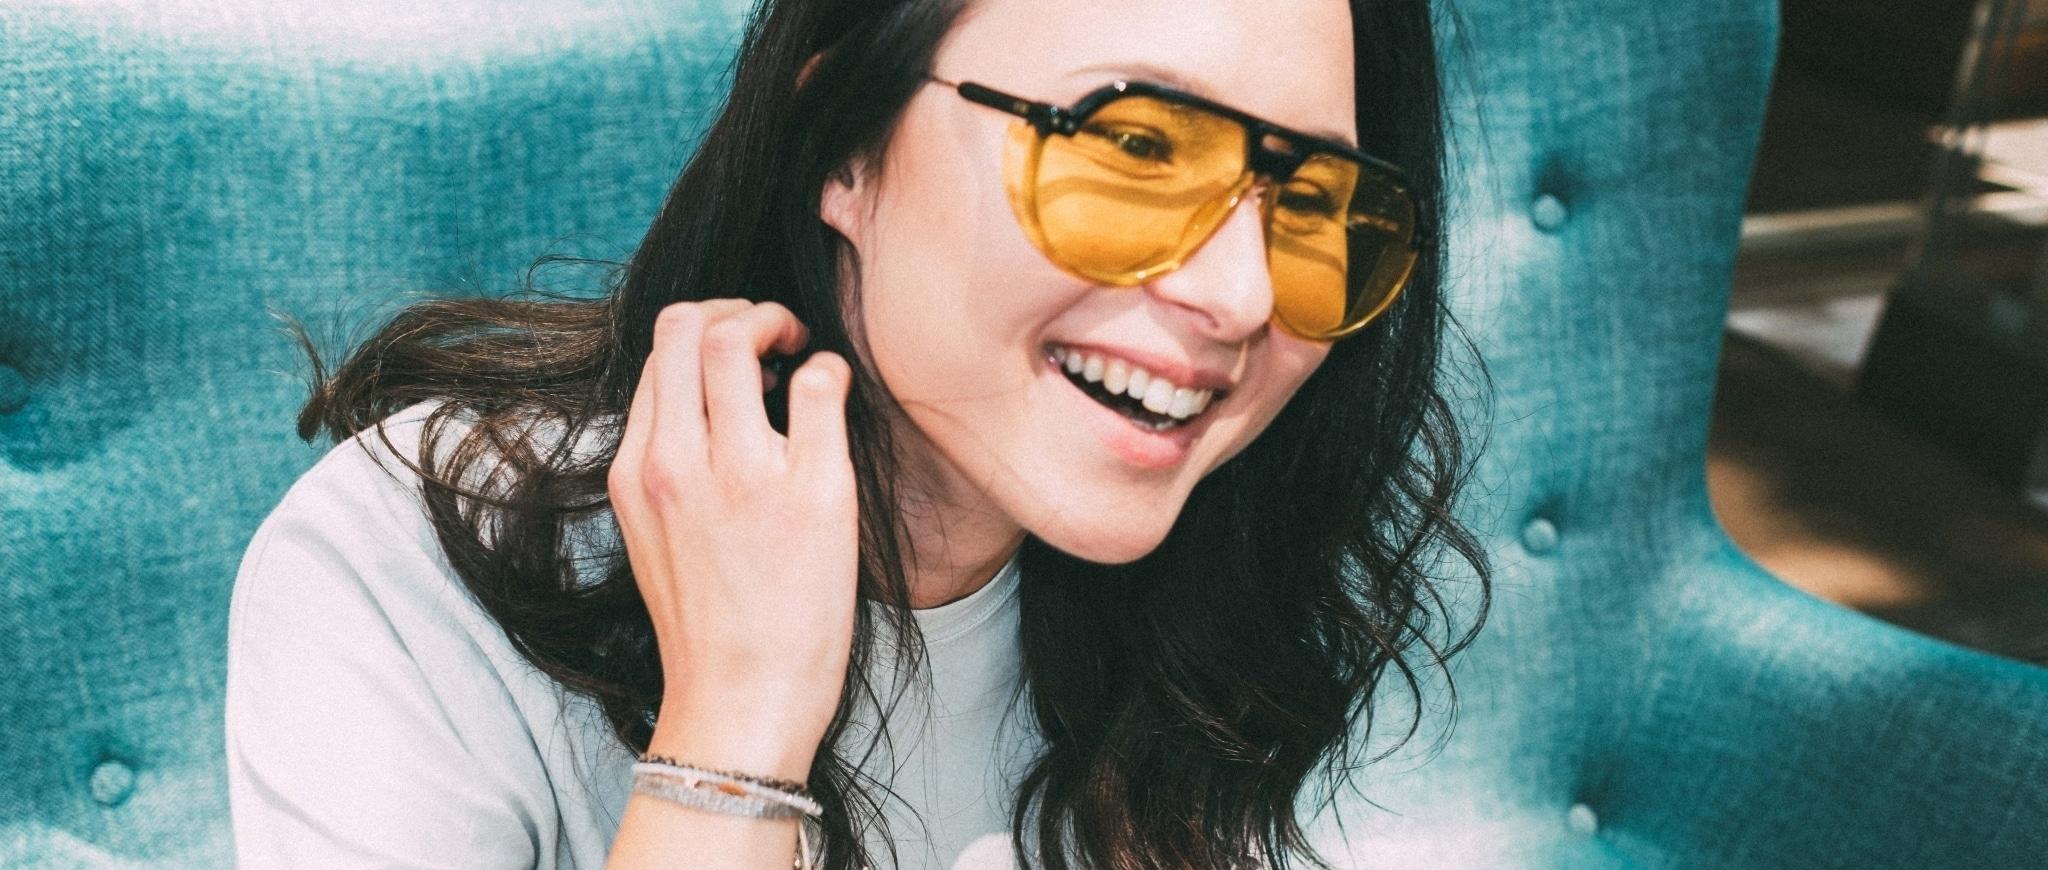 Frau mit Sonnenbrille mit gelben Gläsern